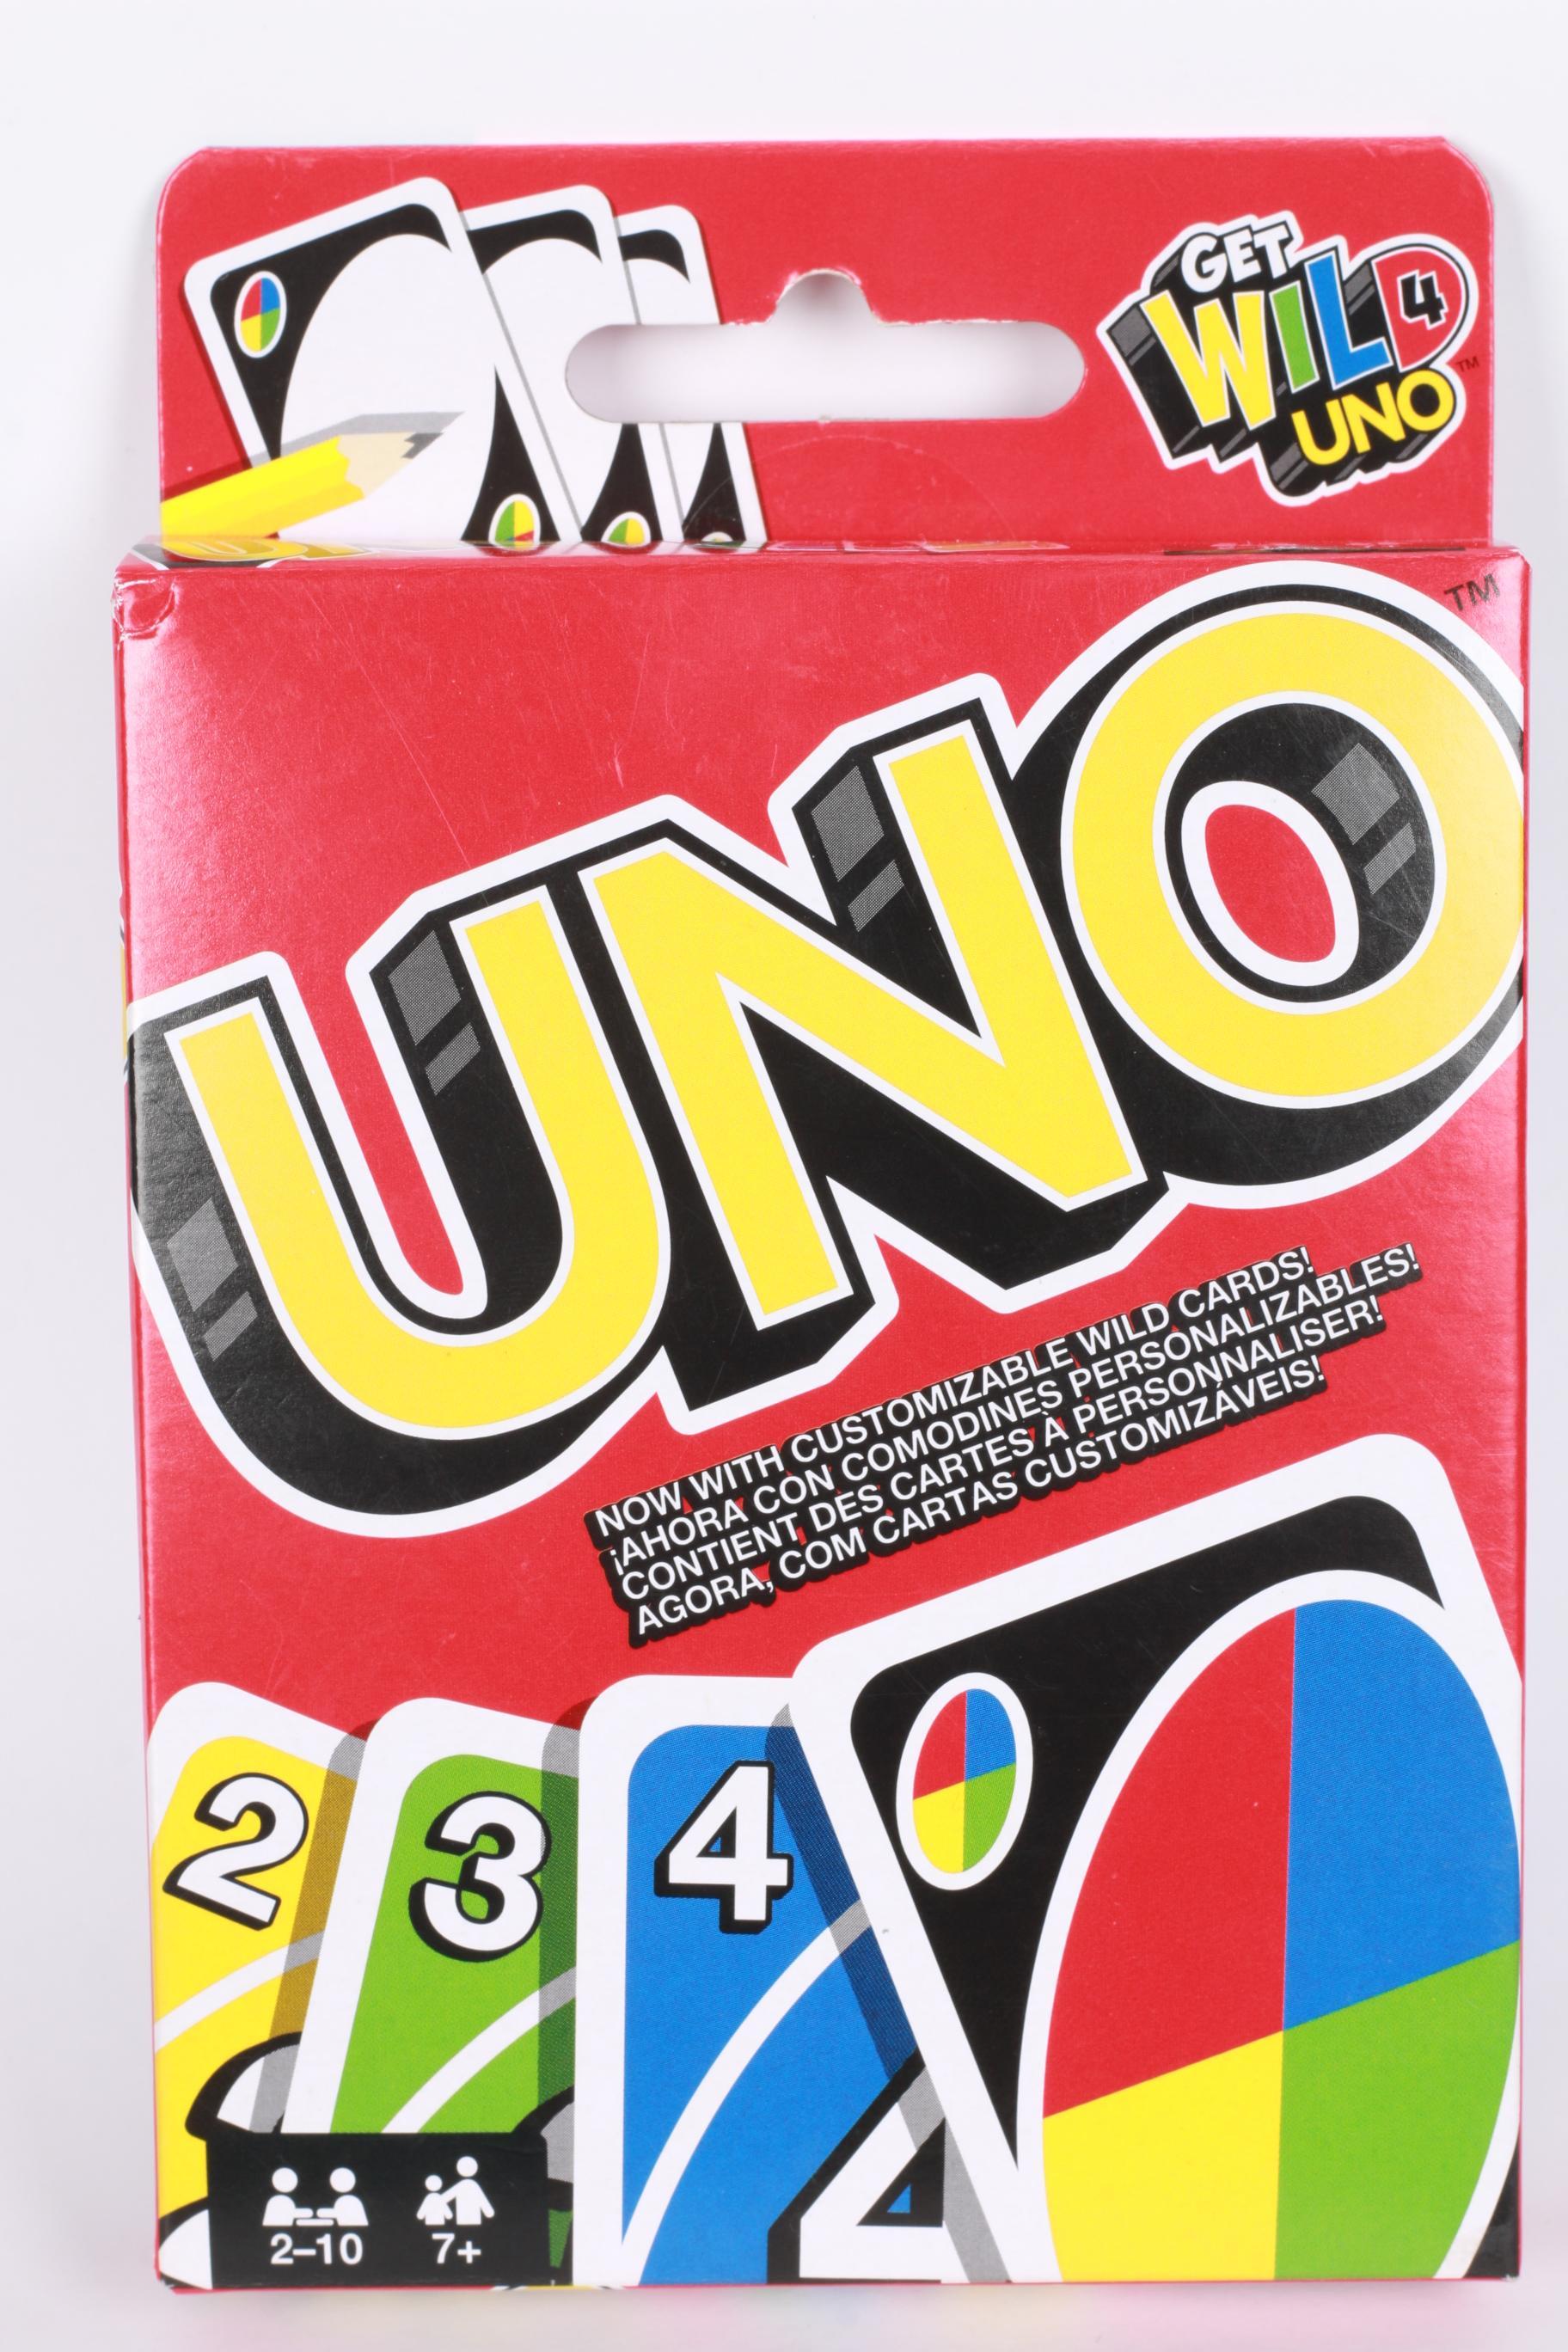 ไพ่อูโน่ UNO card เกมส์ไพ่อูโน่ เกมส์ไพ่ต่อสีและตัวเลข